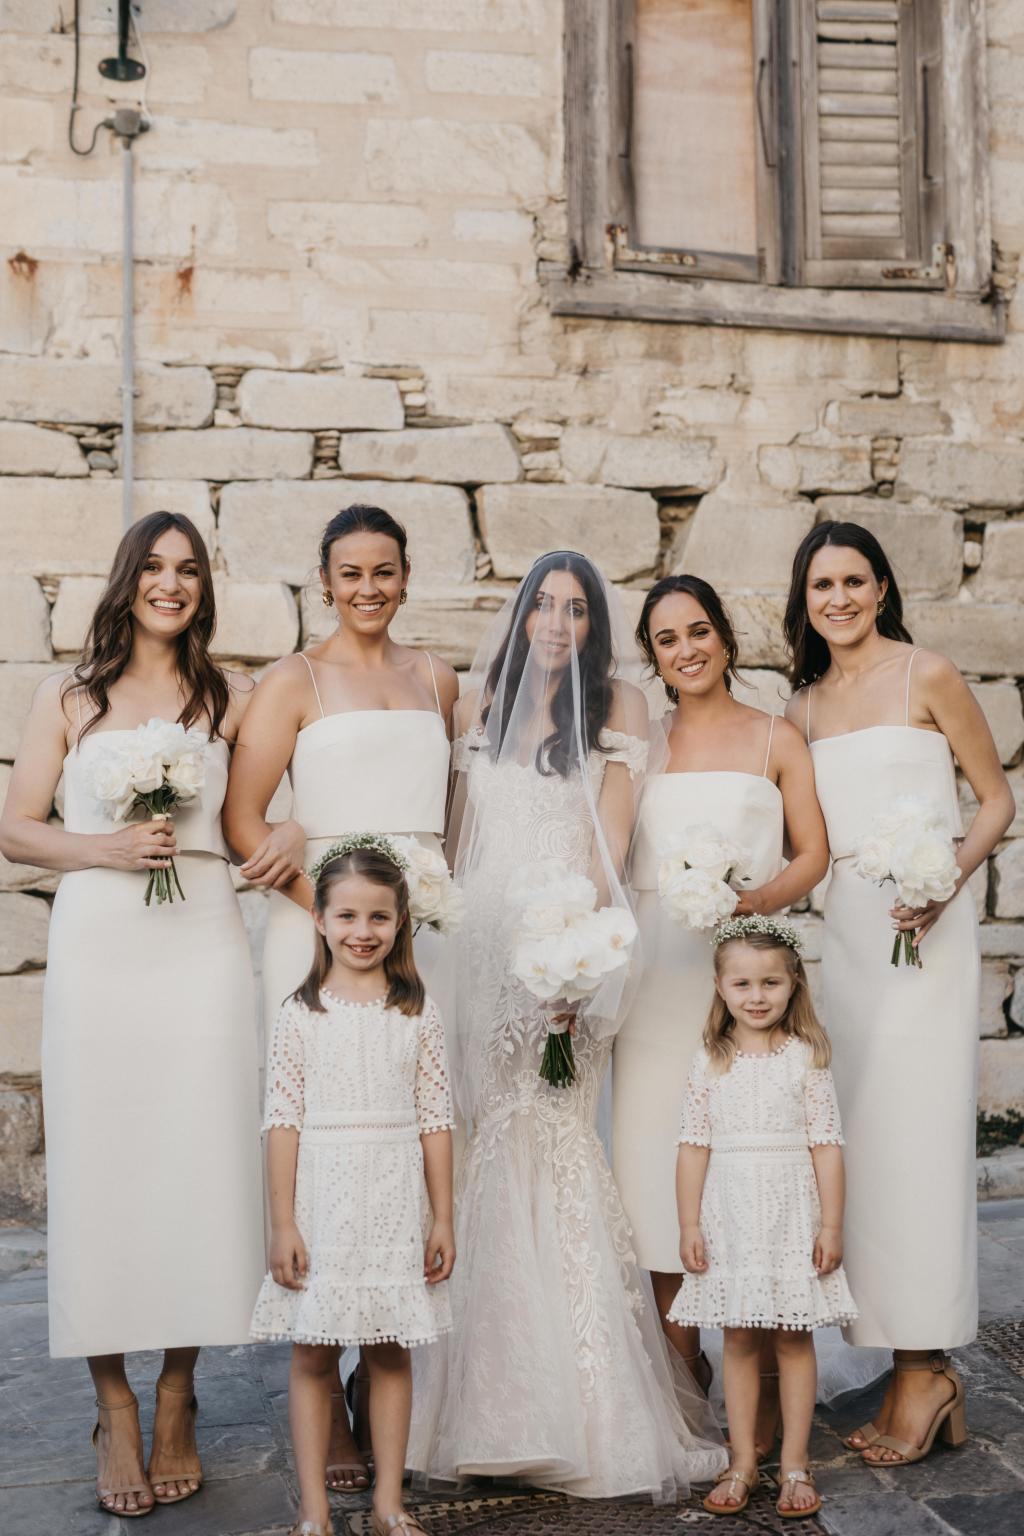 H&W Syros wedding - Image 10